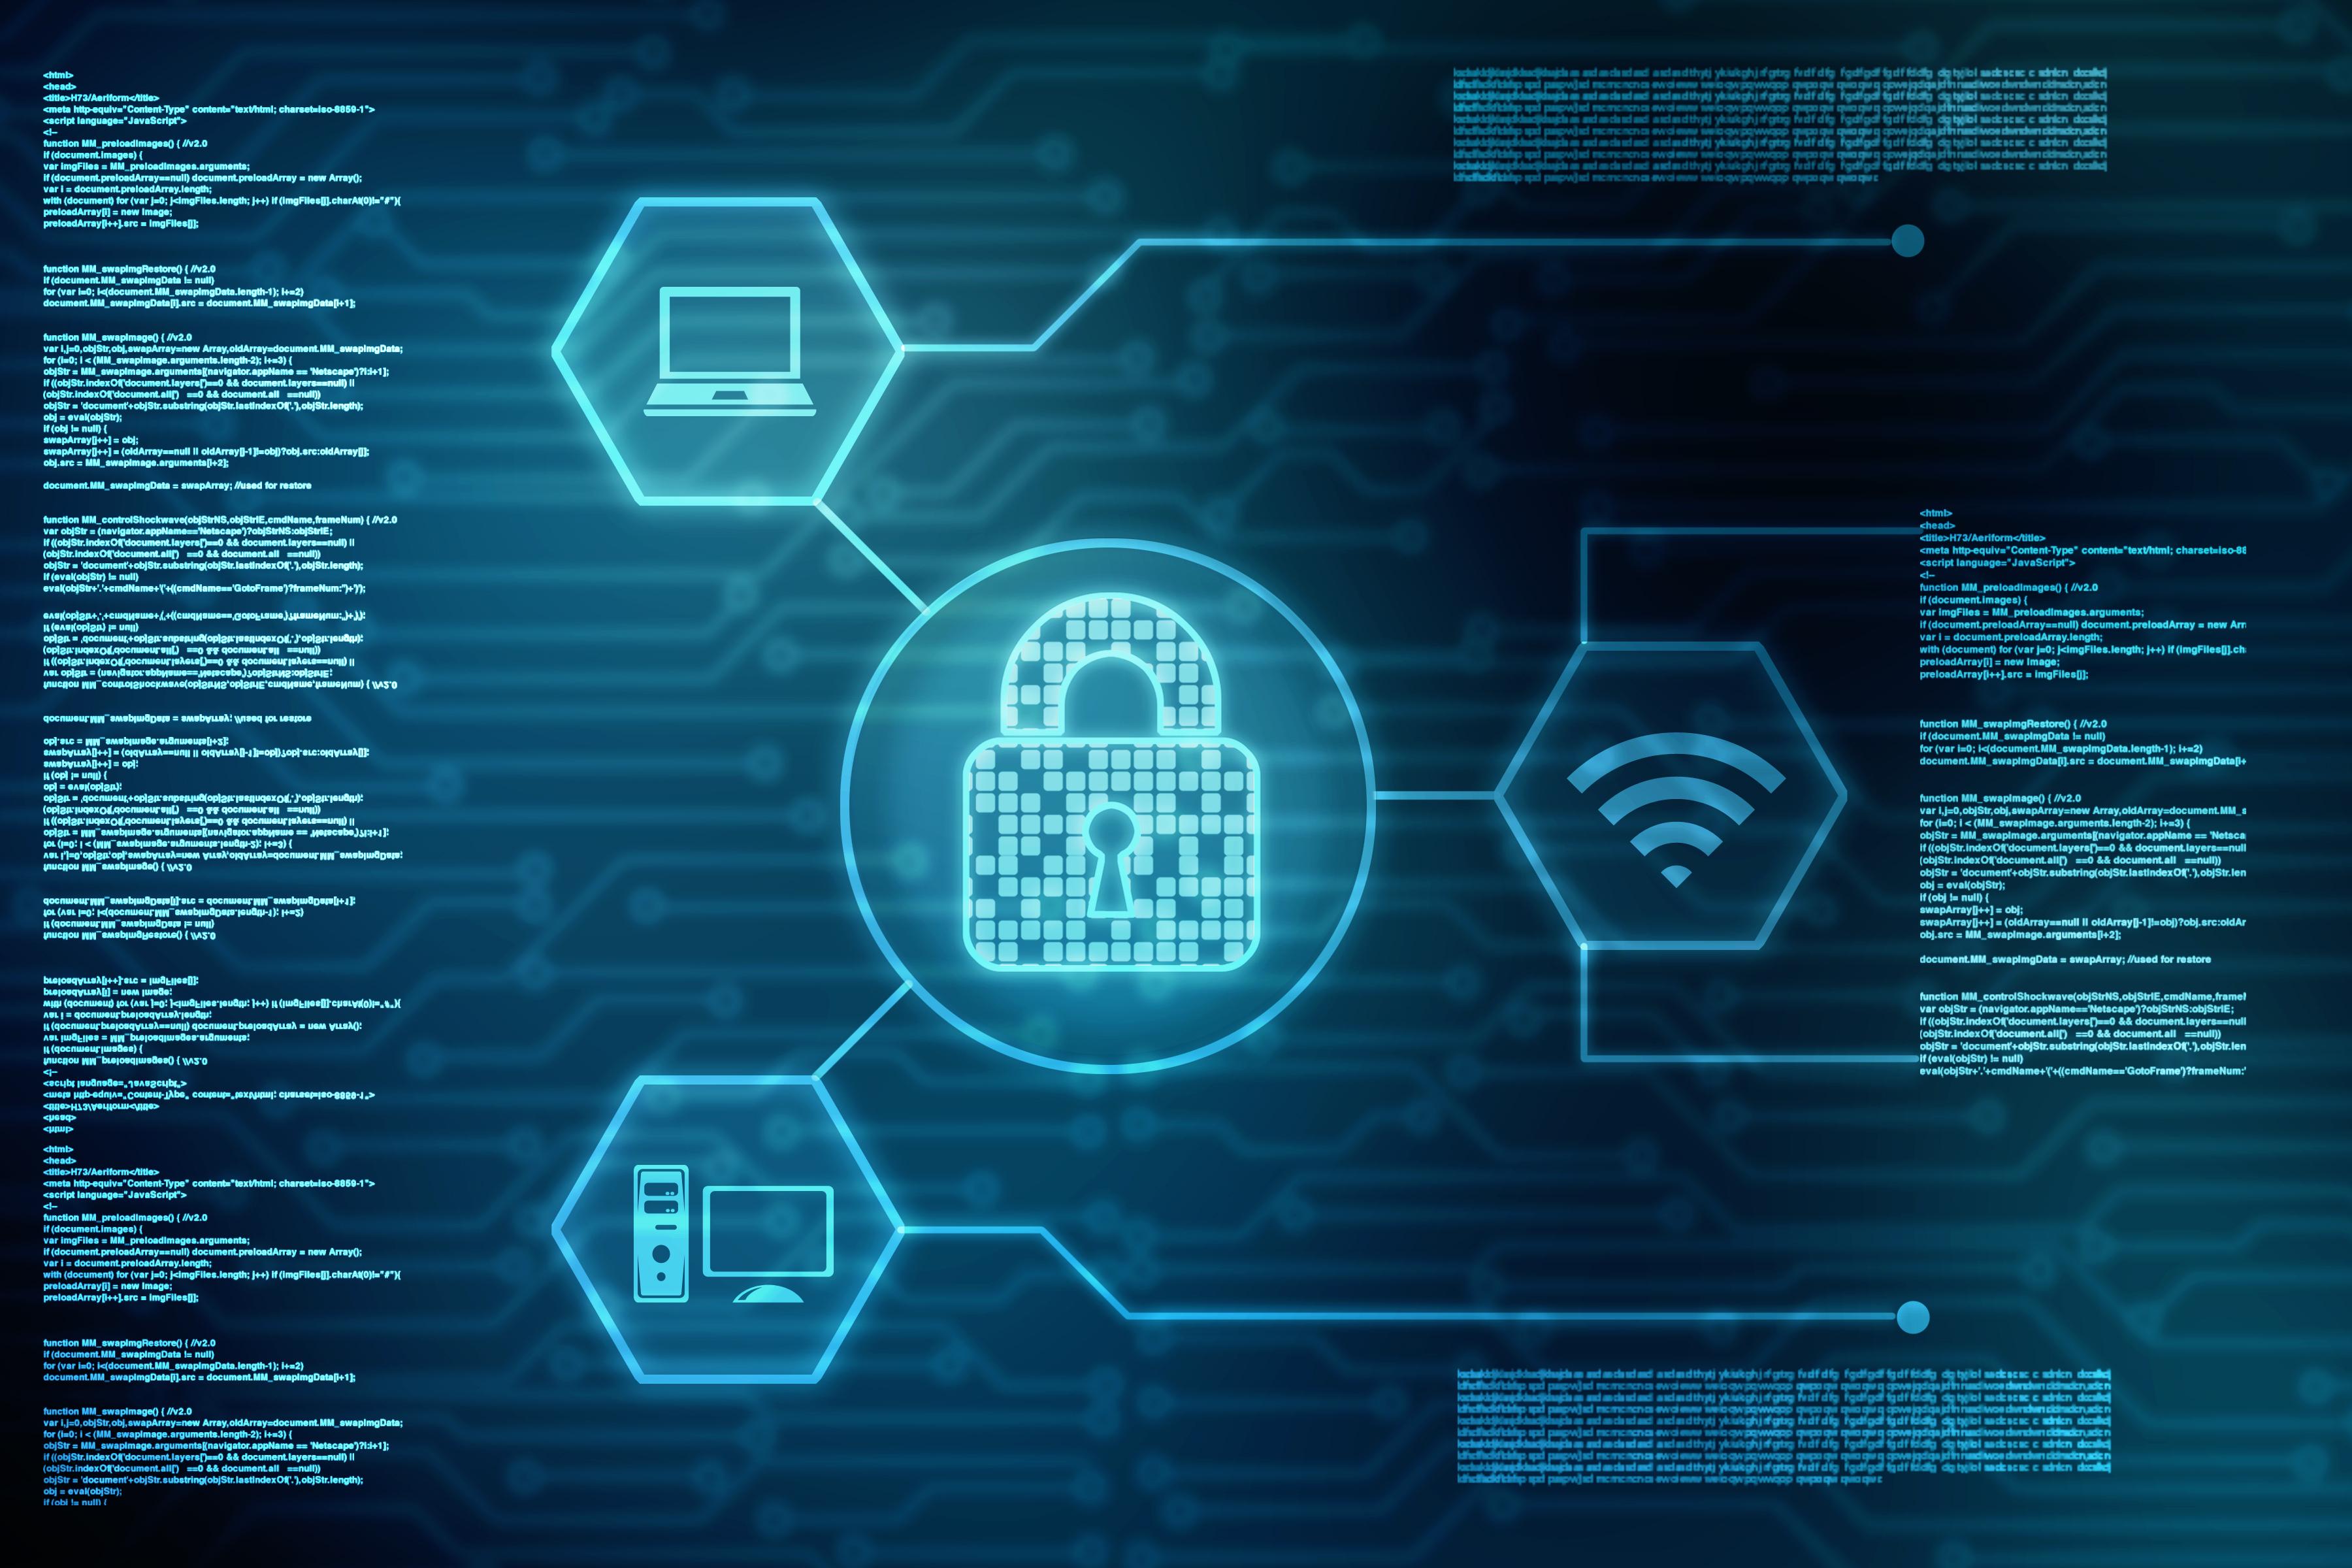 Bezpieczne sieci Wi-Fi część 2